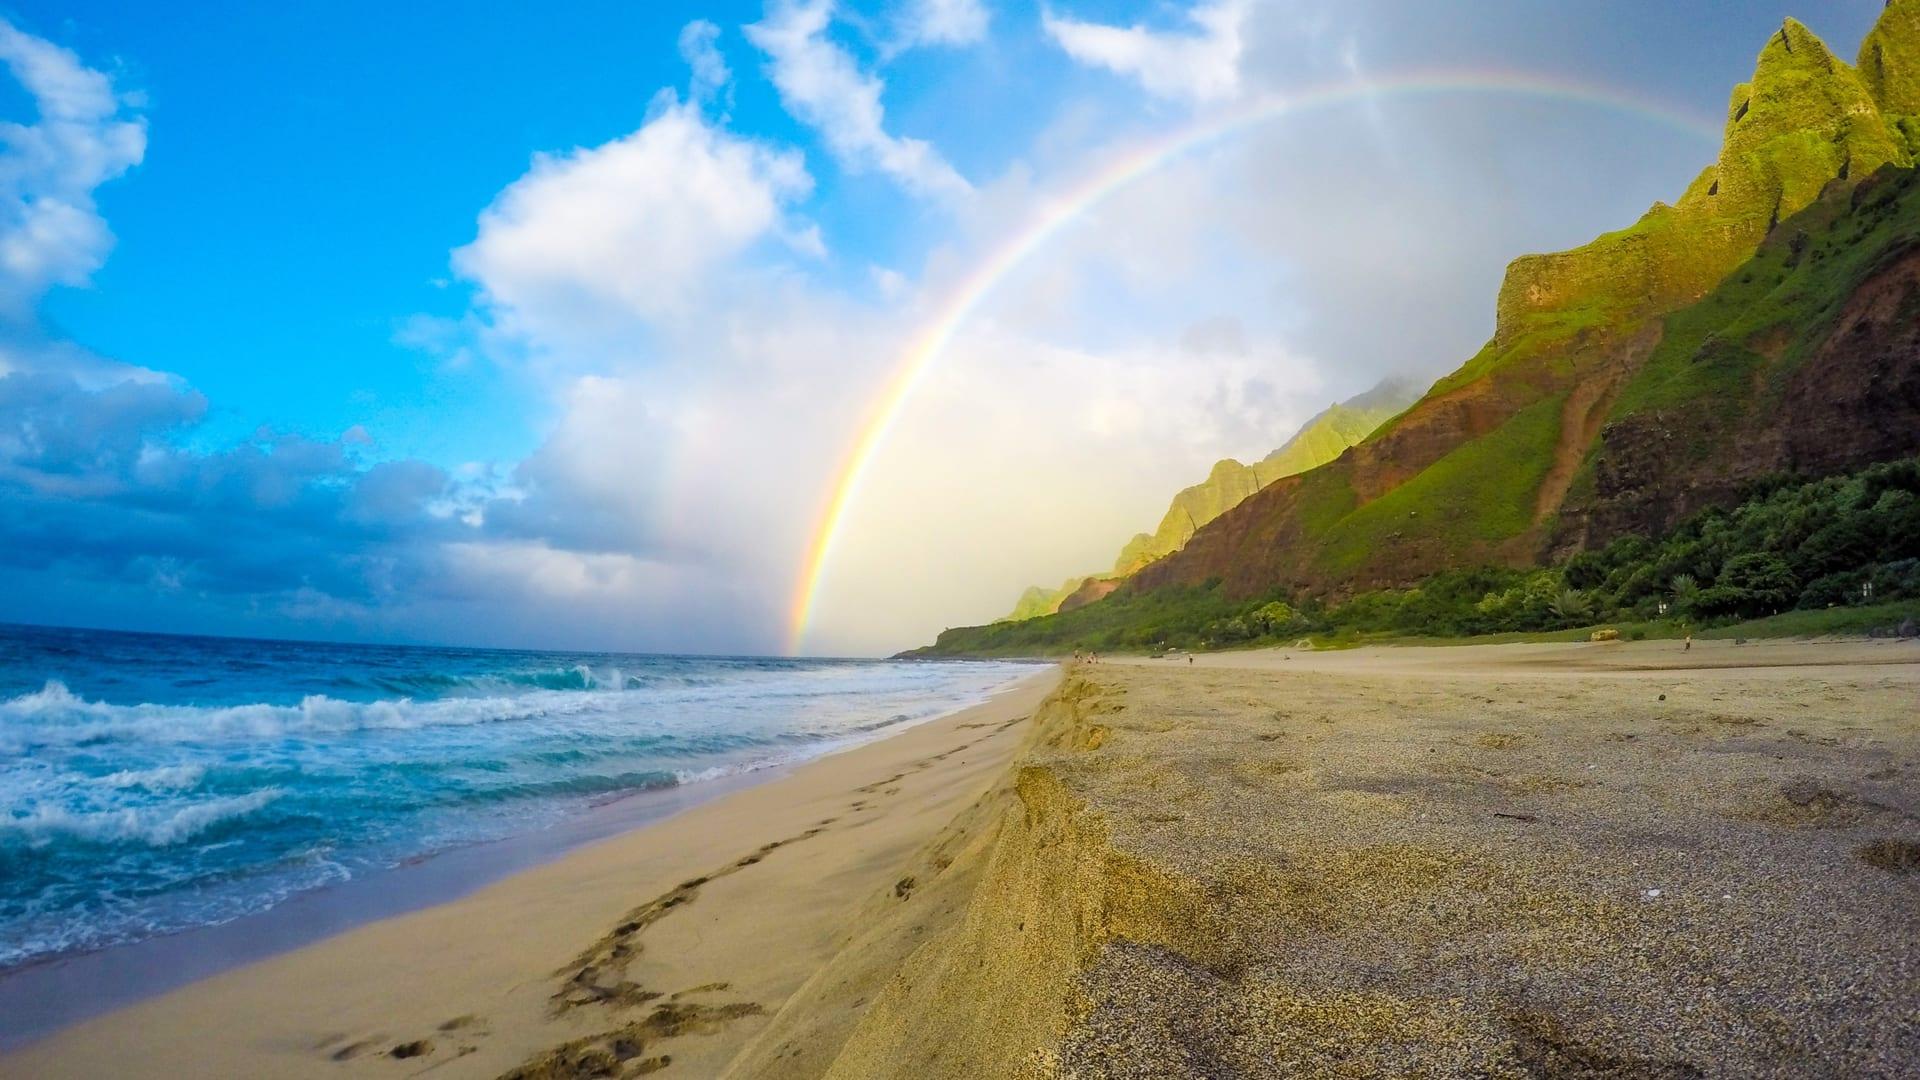 30 Beautiful Photos of Kauai